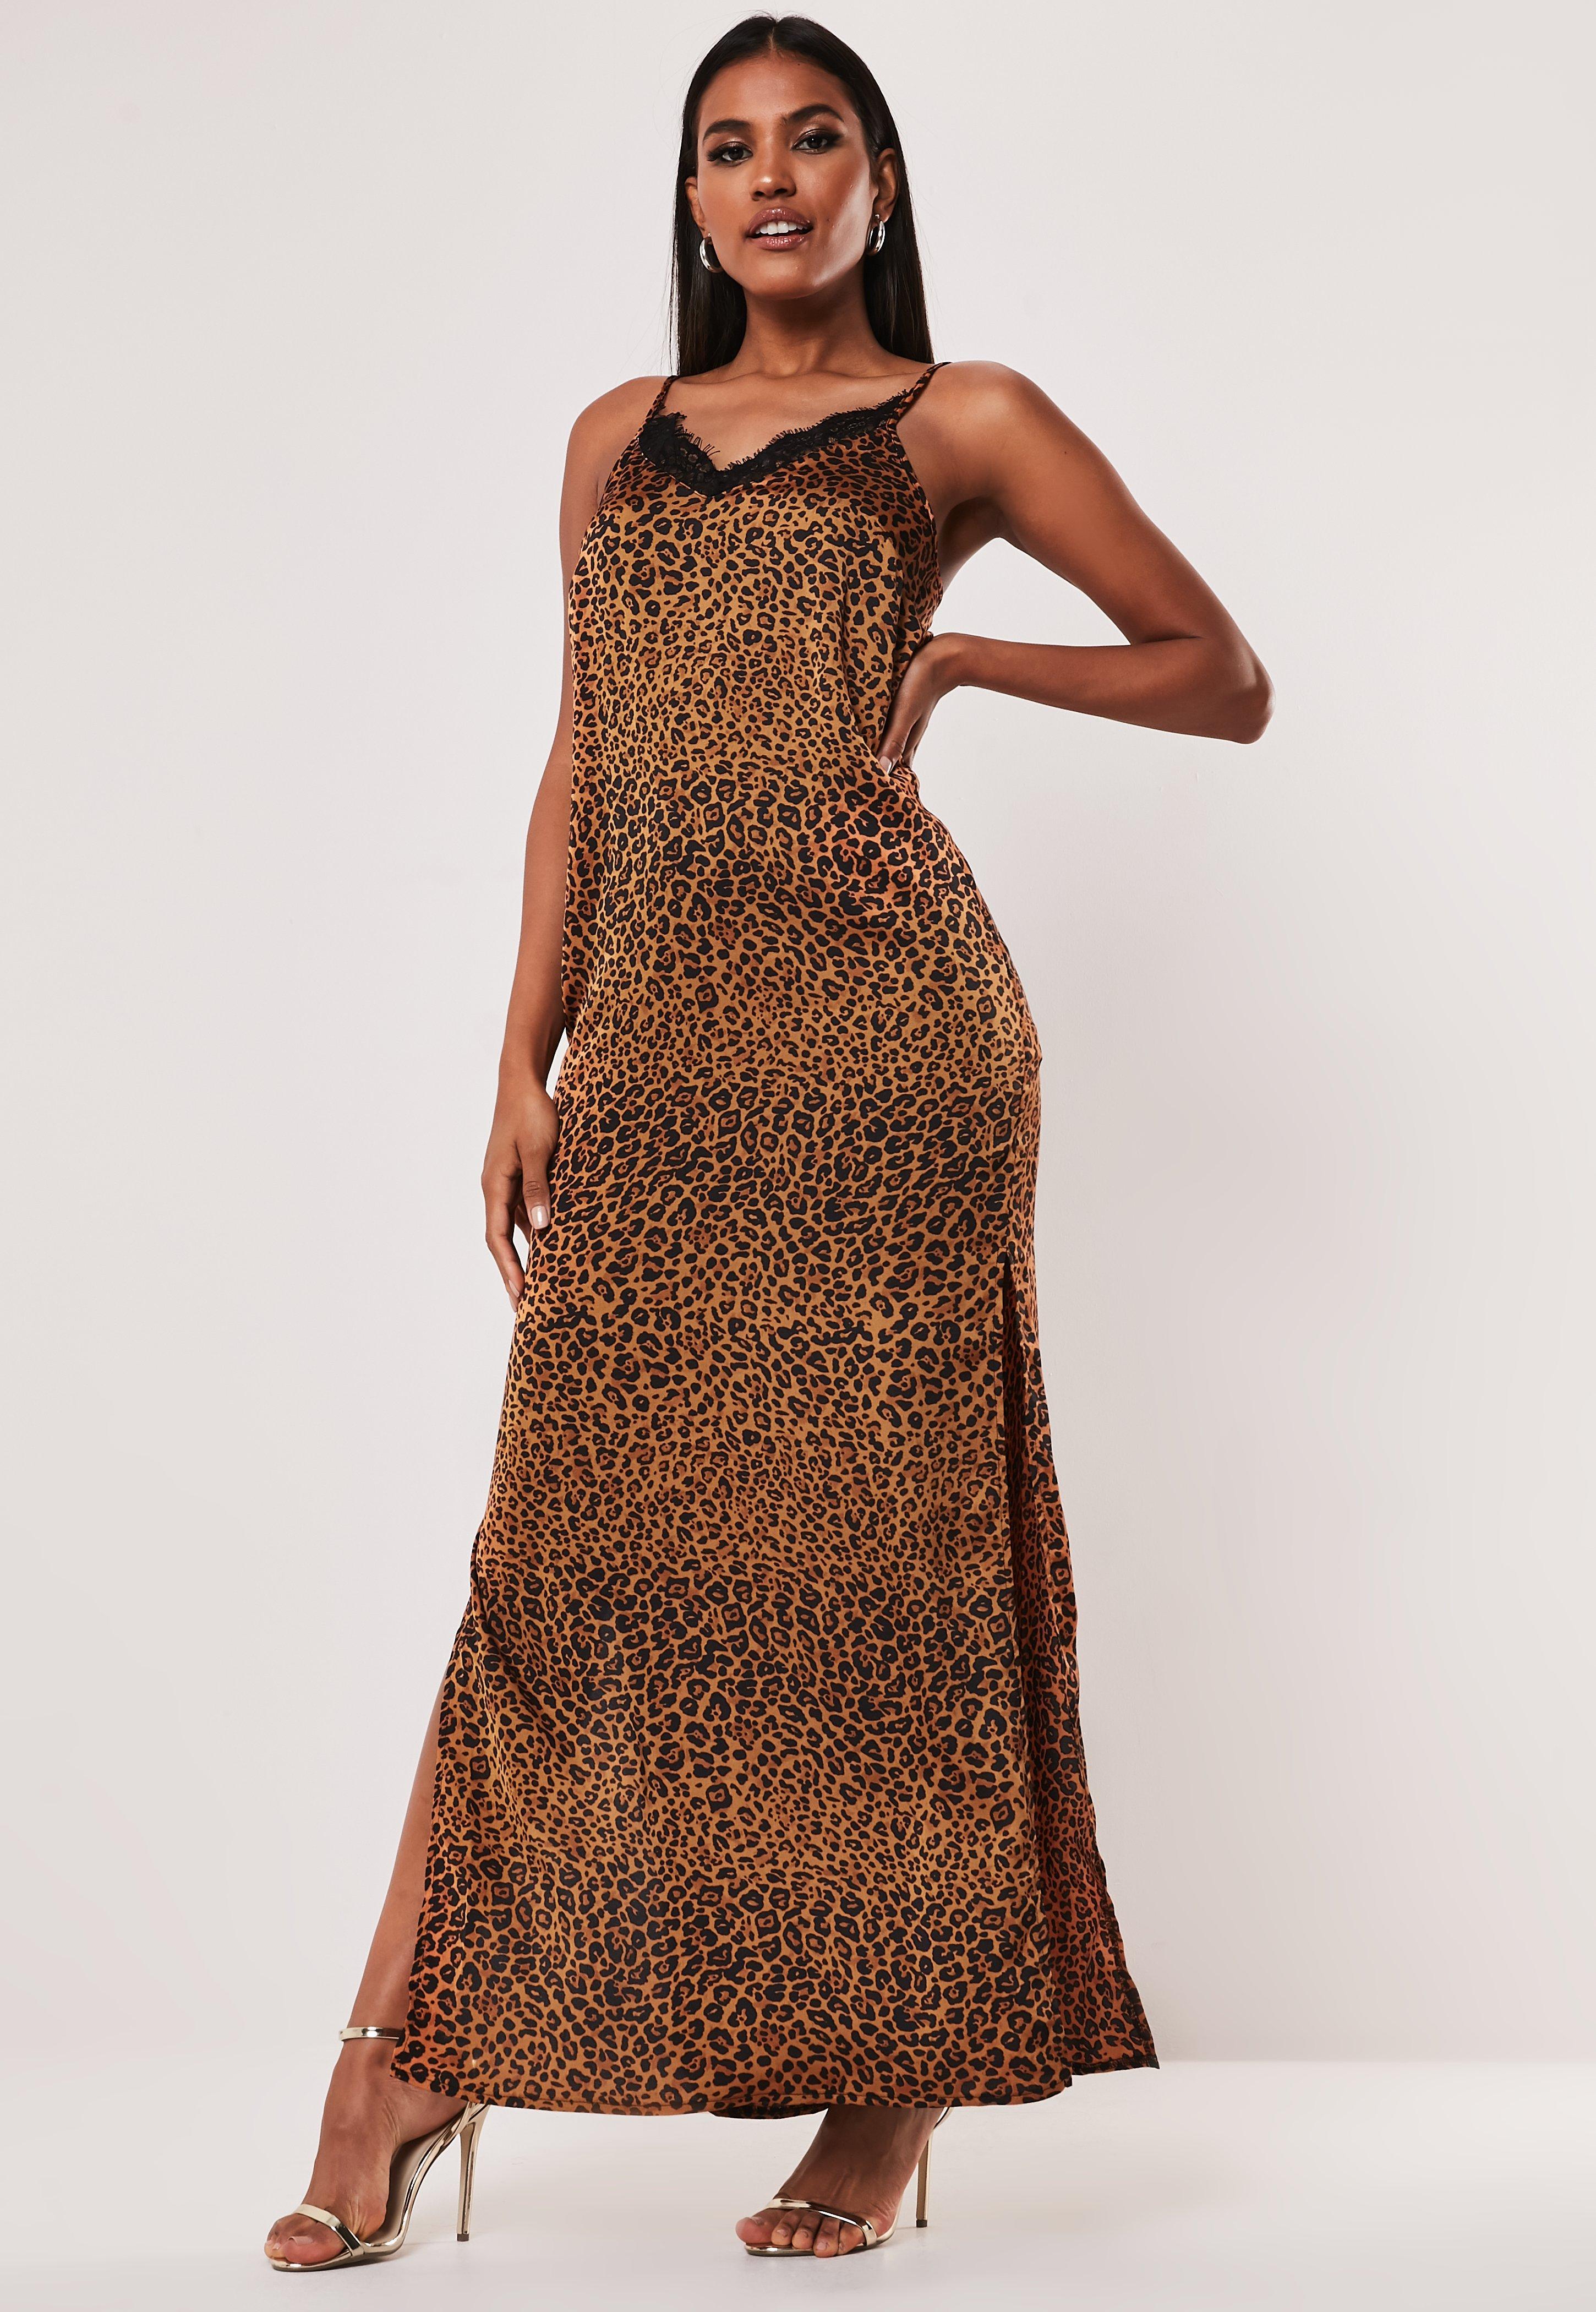 d678e16c54232 Robes | Robe chic femme en ligne 2019 - Missguided